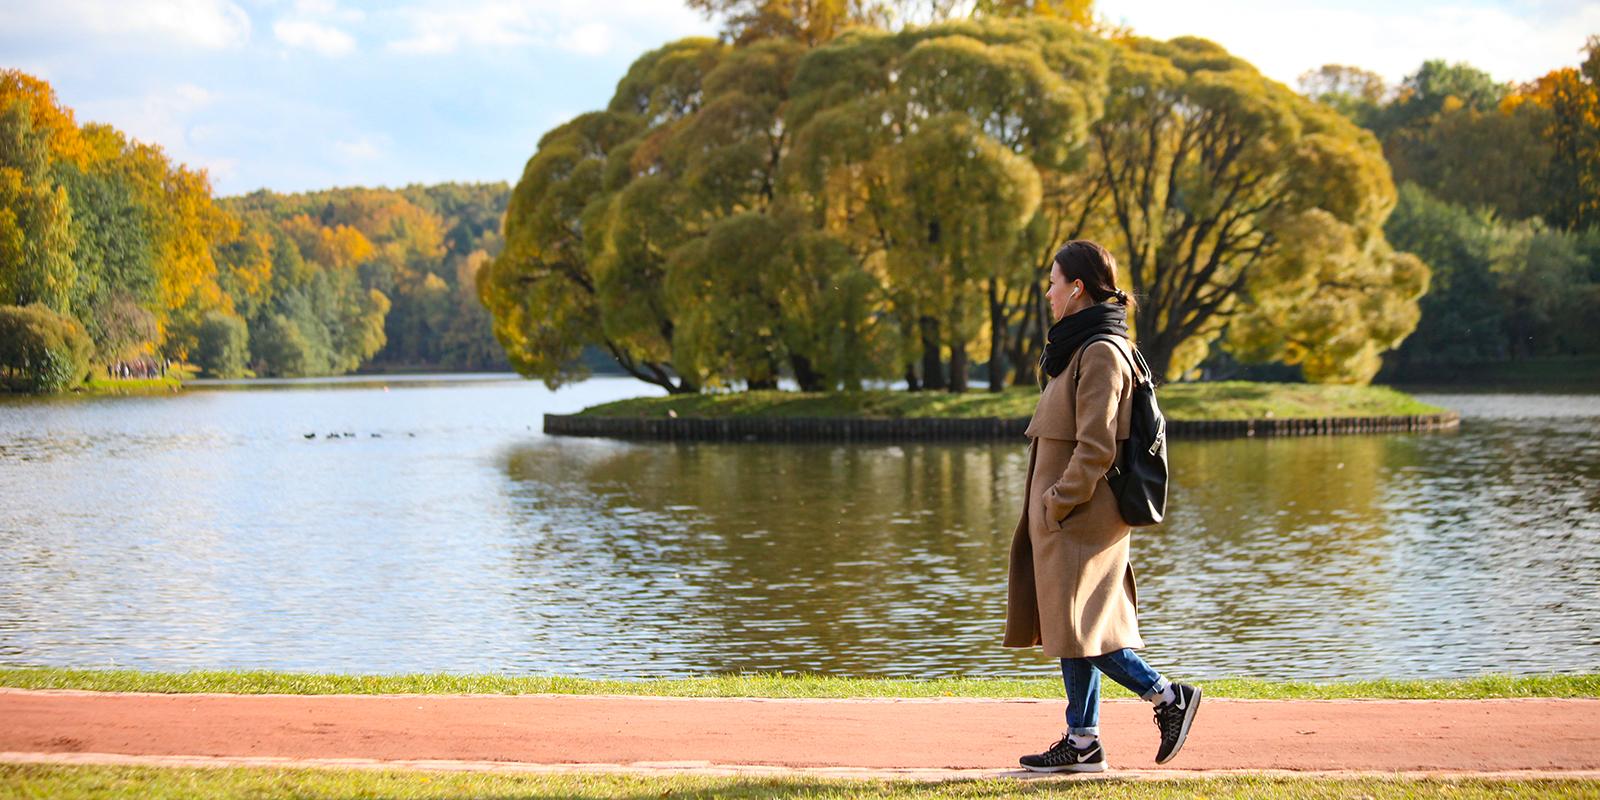 Психологи советуют чаще гулять рядом с водоемами